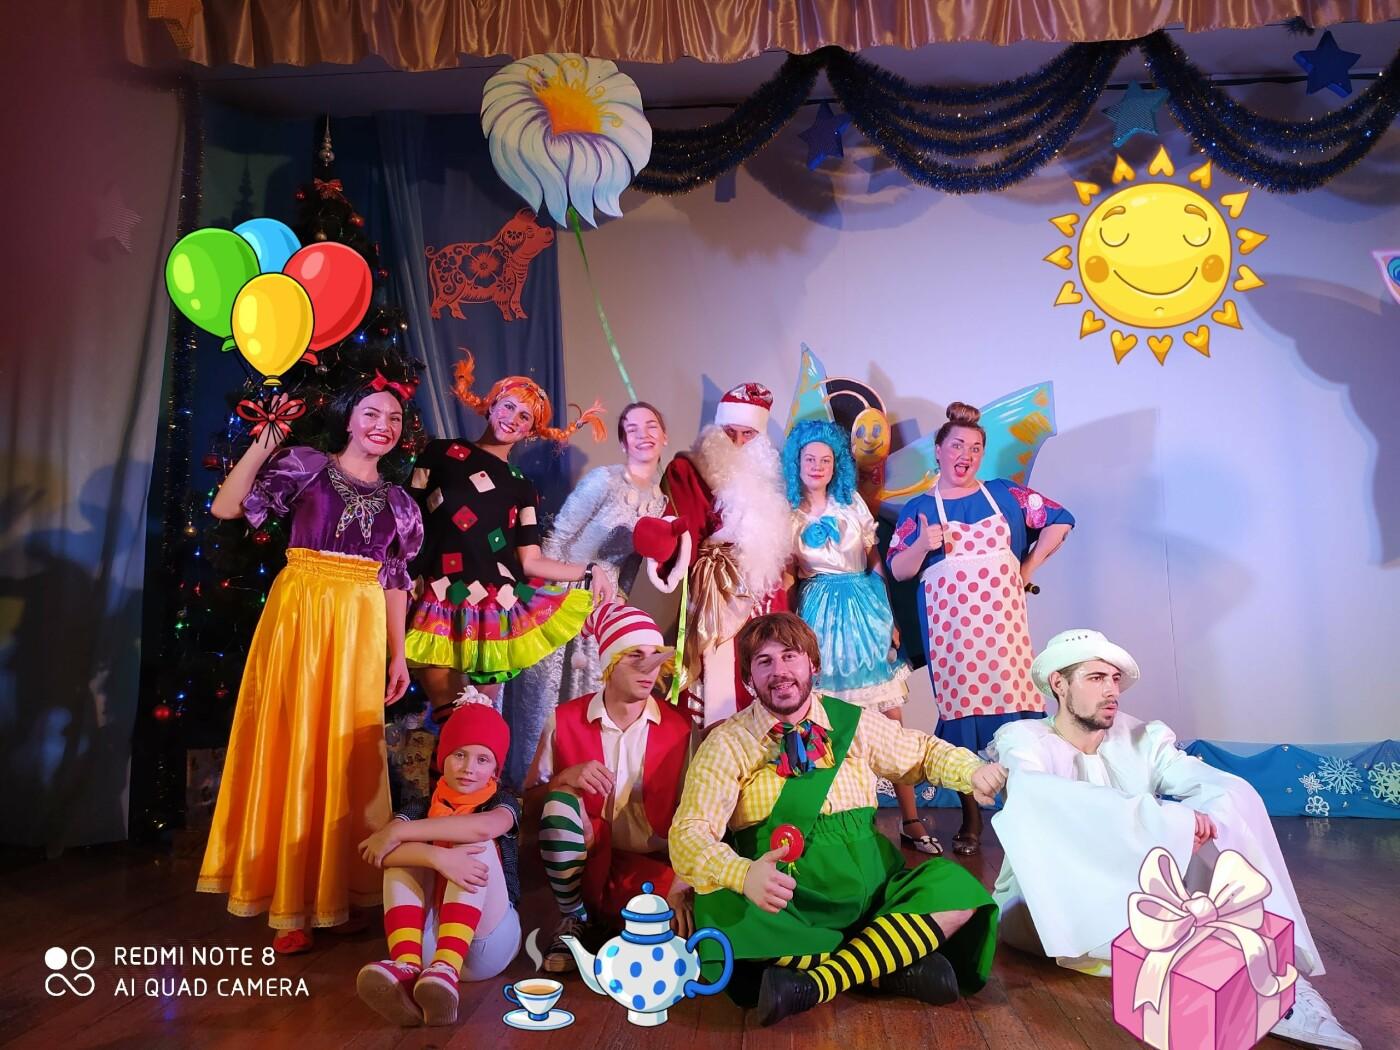 """Смех и радость в Ялте: театр клоунады """"PARTAL"""" празднует 10-летний юбилей, фото-1"""